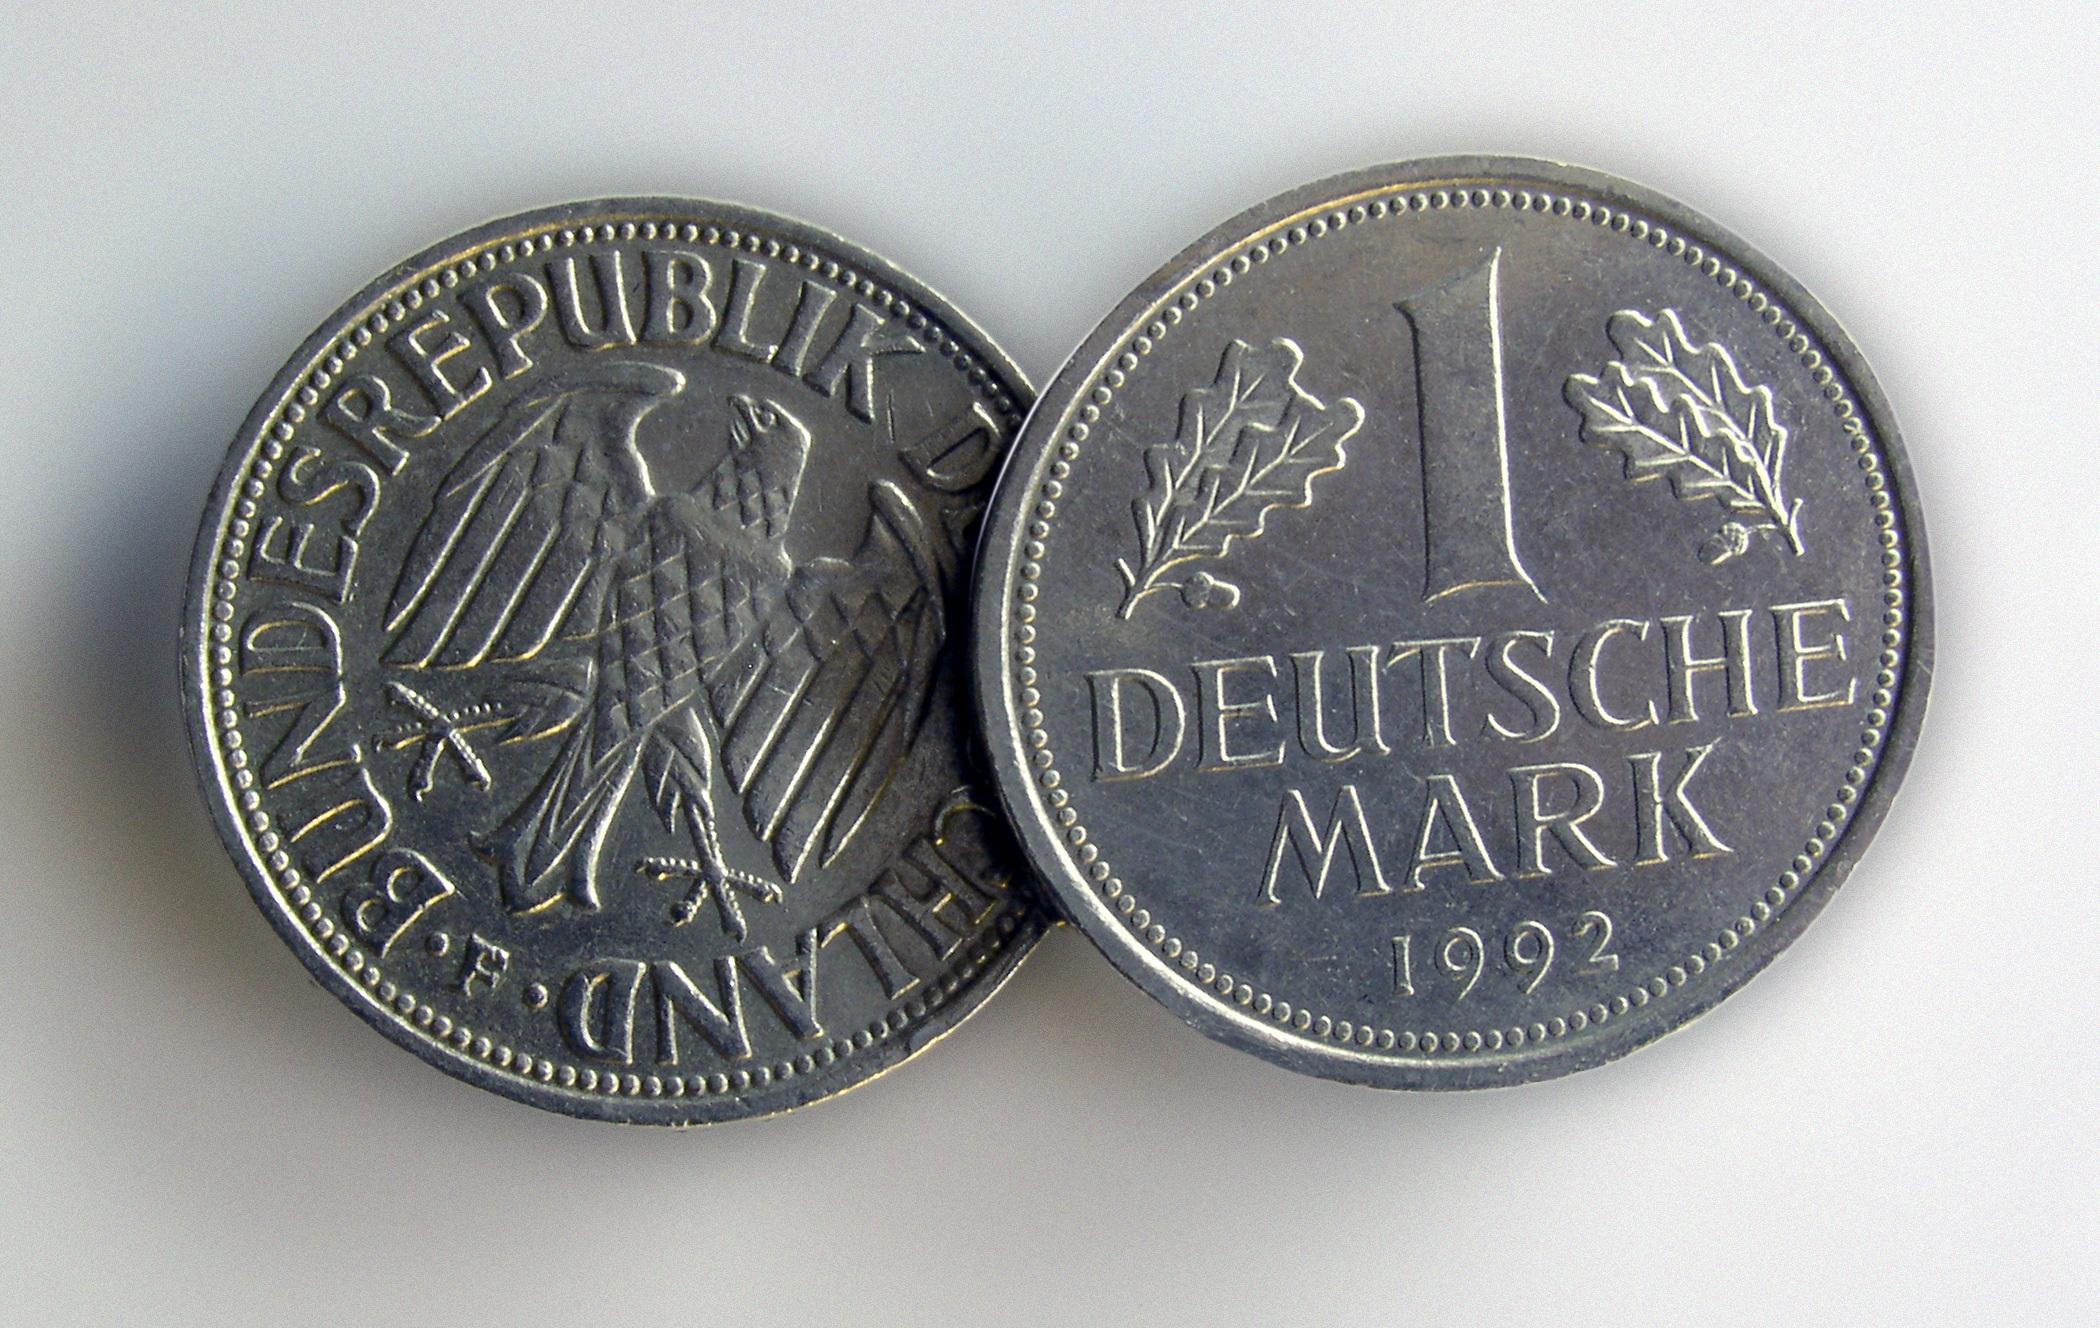 Немецкий евро штамп для монет купить